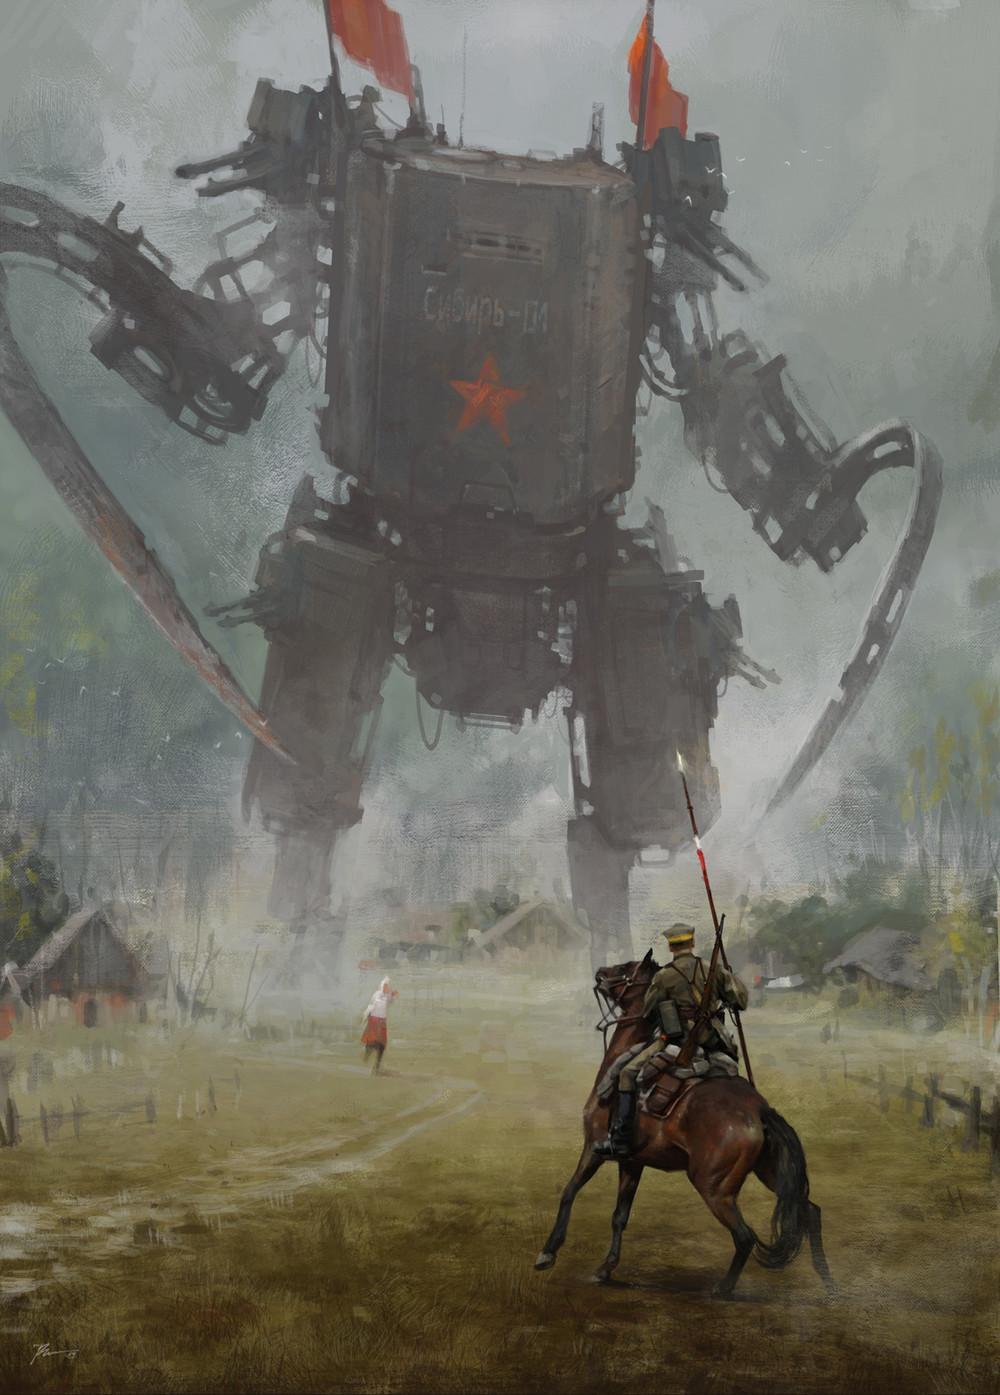 Giant Scythe Fantasy Art